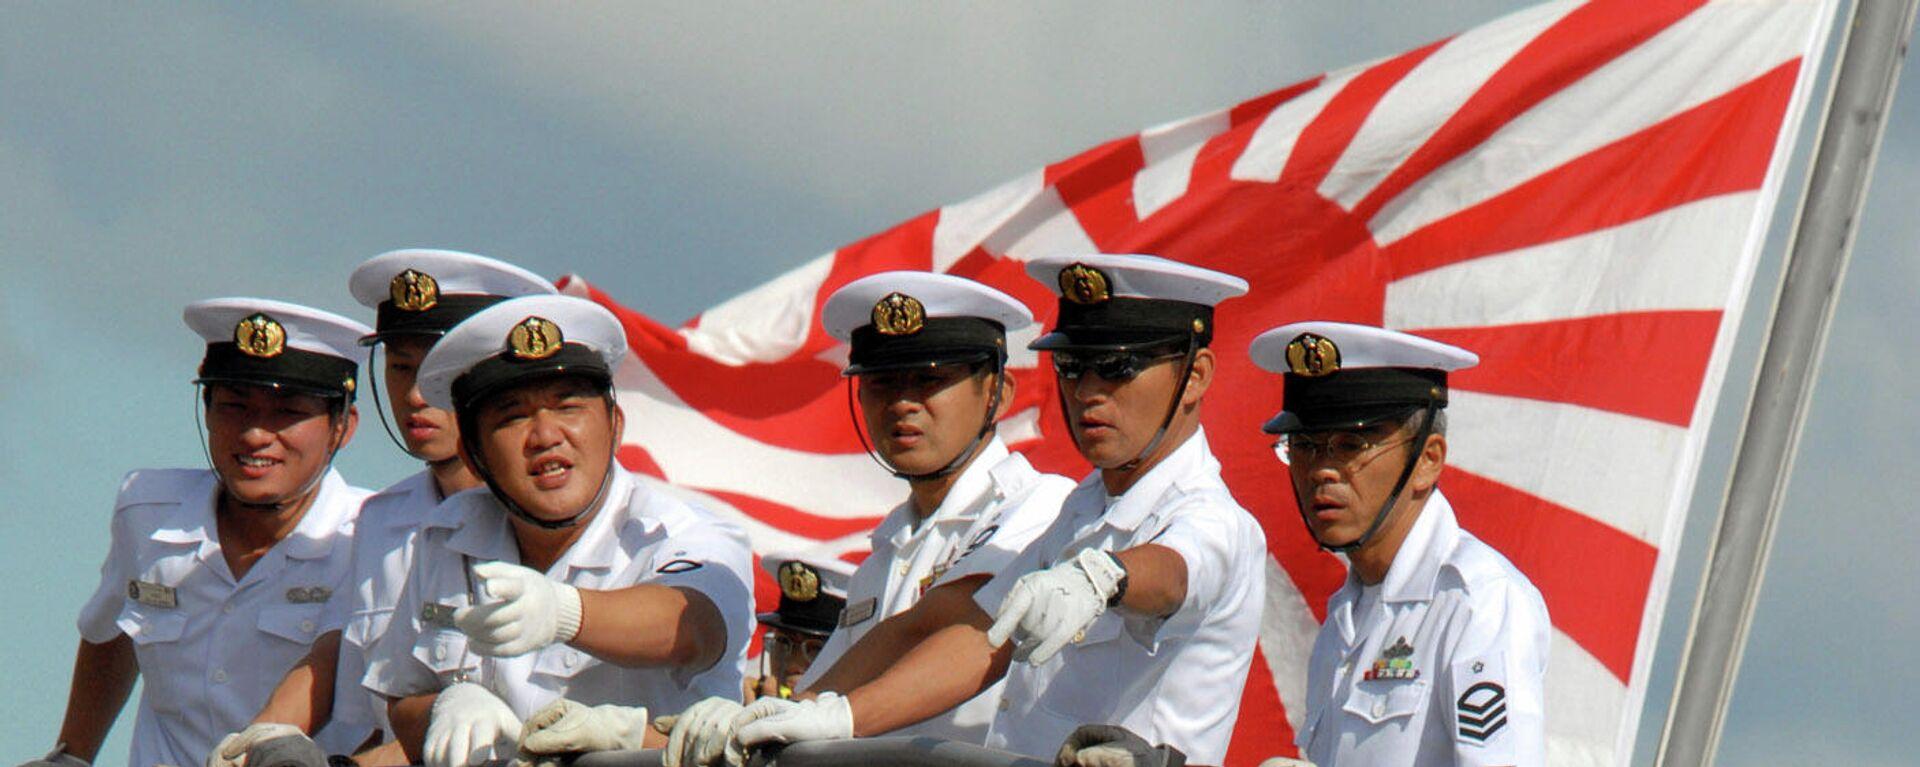 Angehörige der japanischen Maritime Selbstverteidigungsstreitkräfte (Symbolbild) - SNA, 1920, 24.05.2021